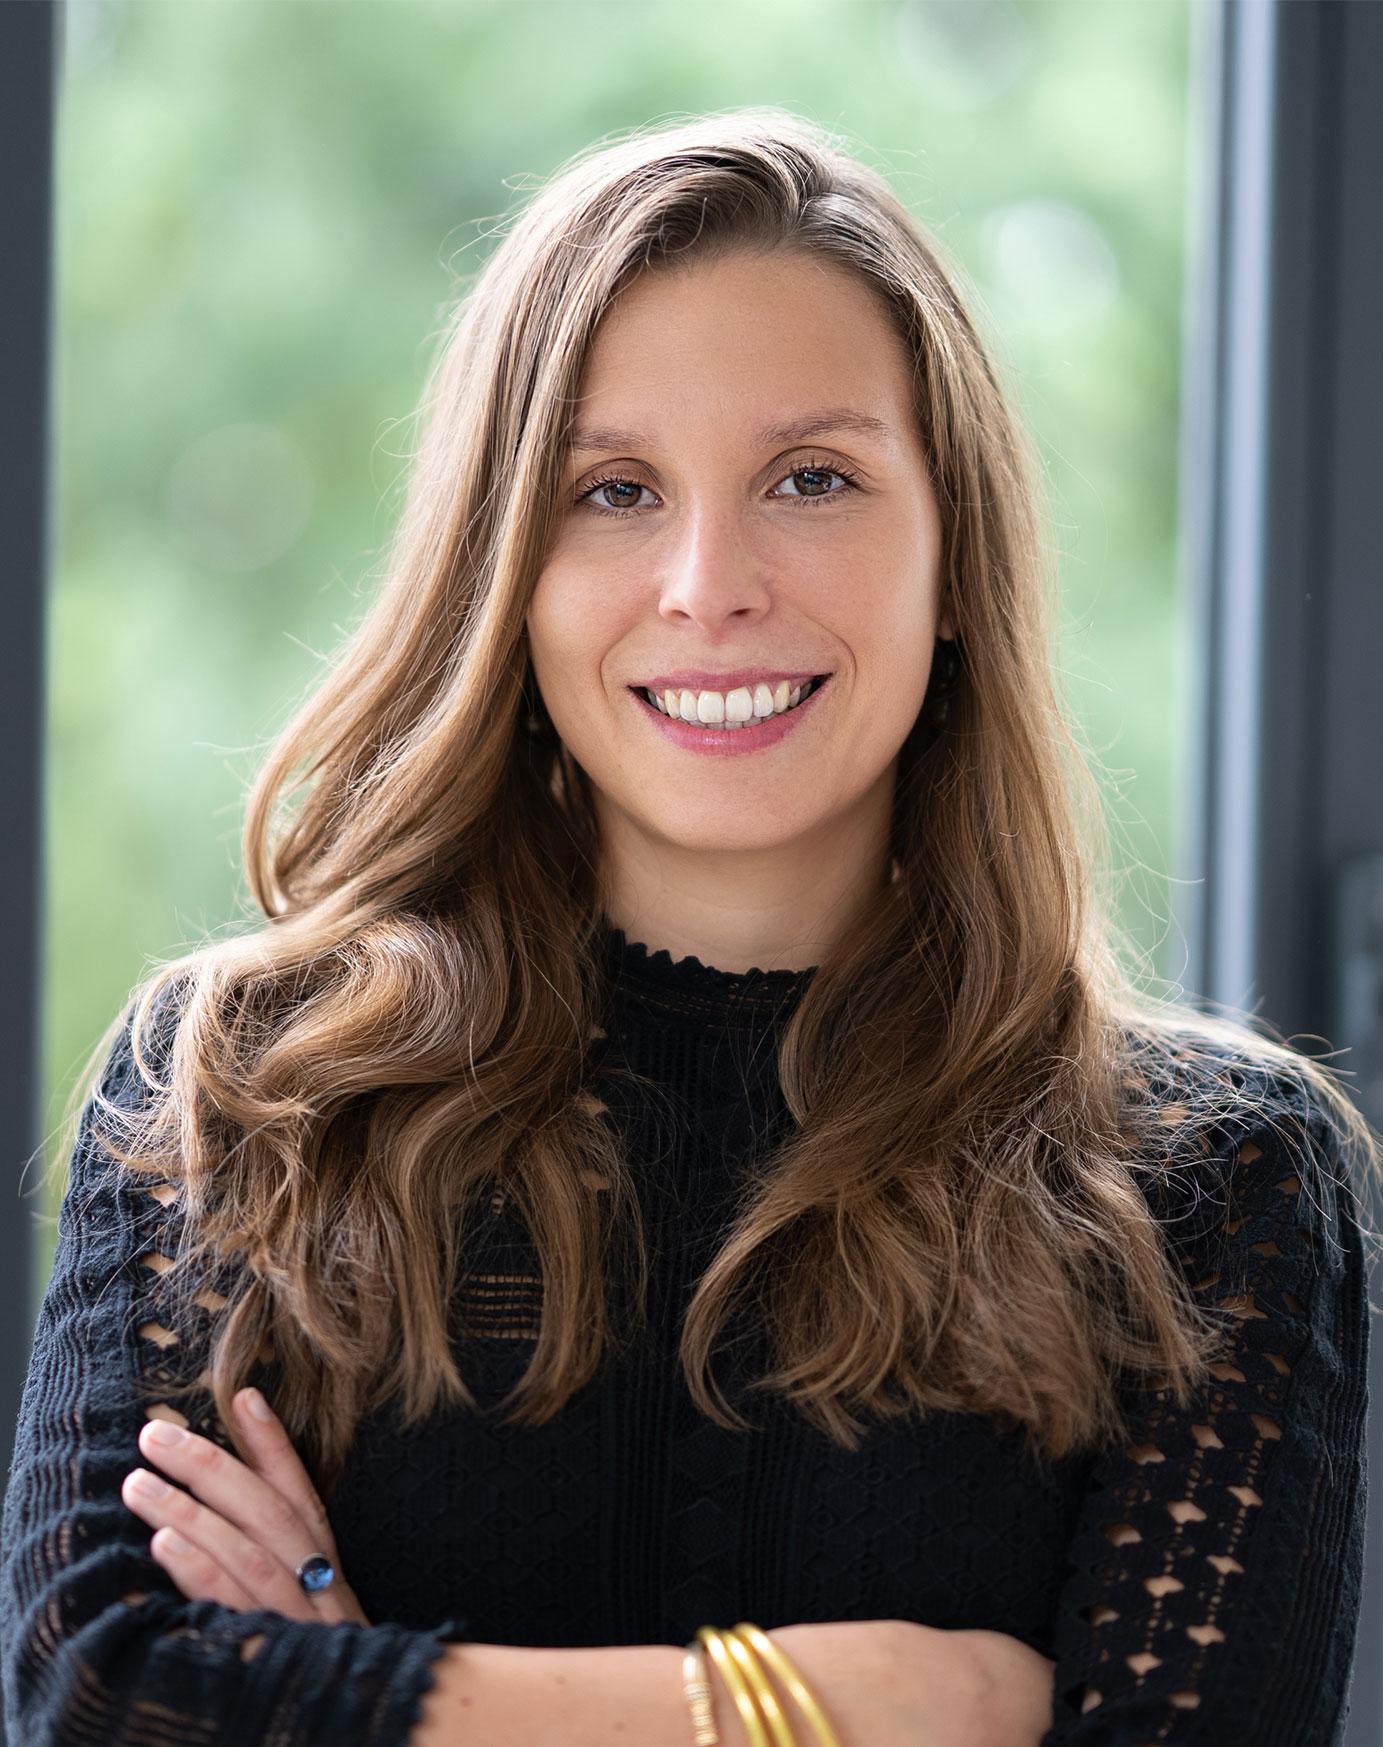 Sarah O'Neil